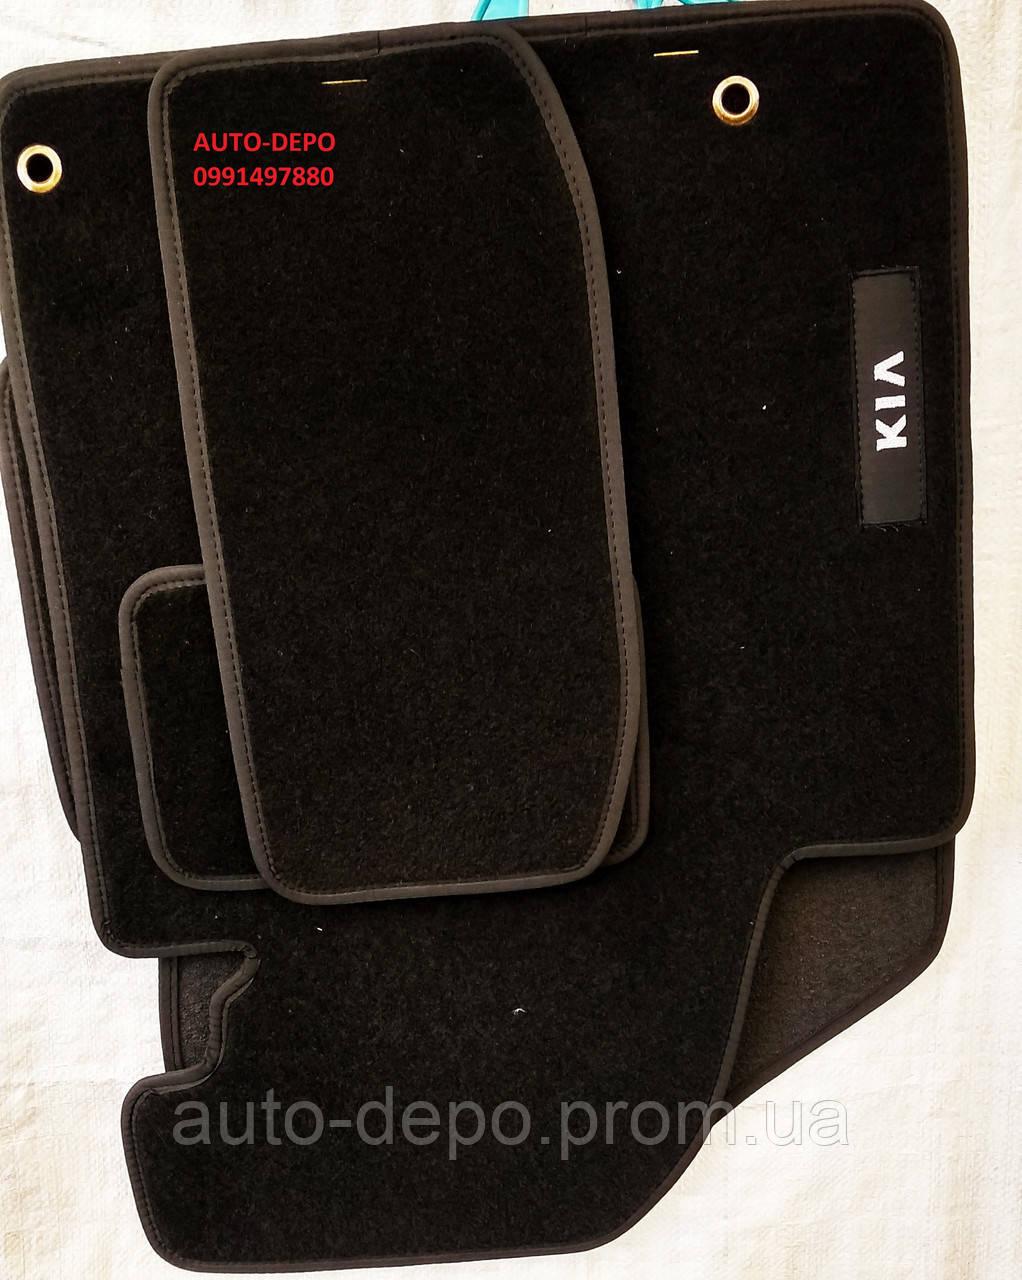 Ворсовые автомобильные коврики Kia Opirus 2003- CIAC GRAN